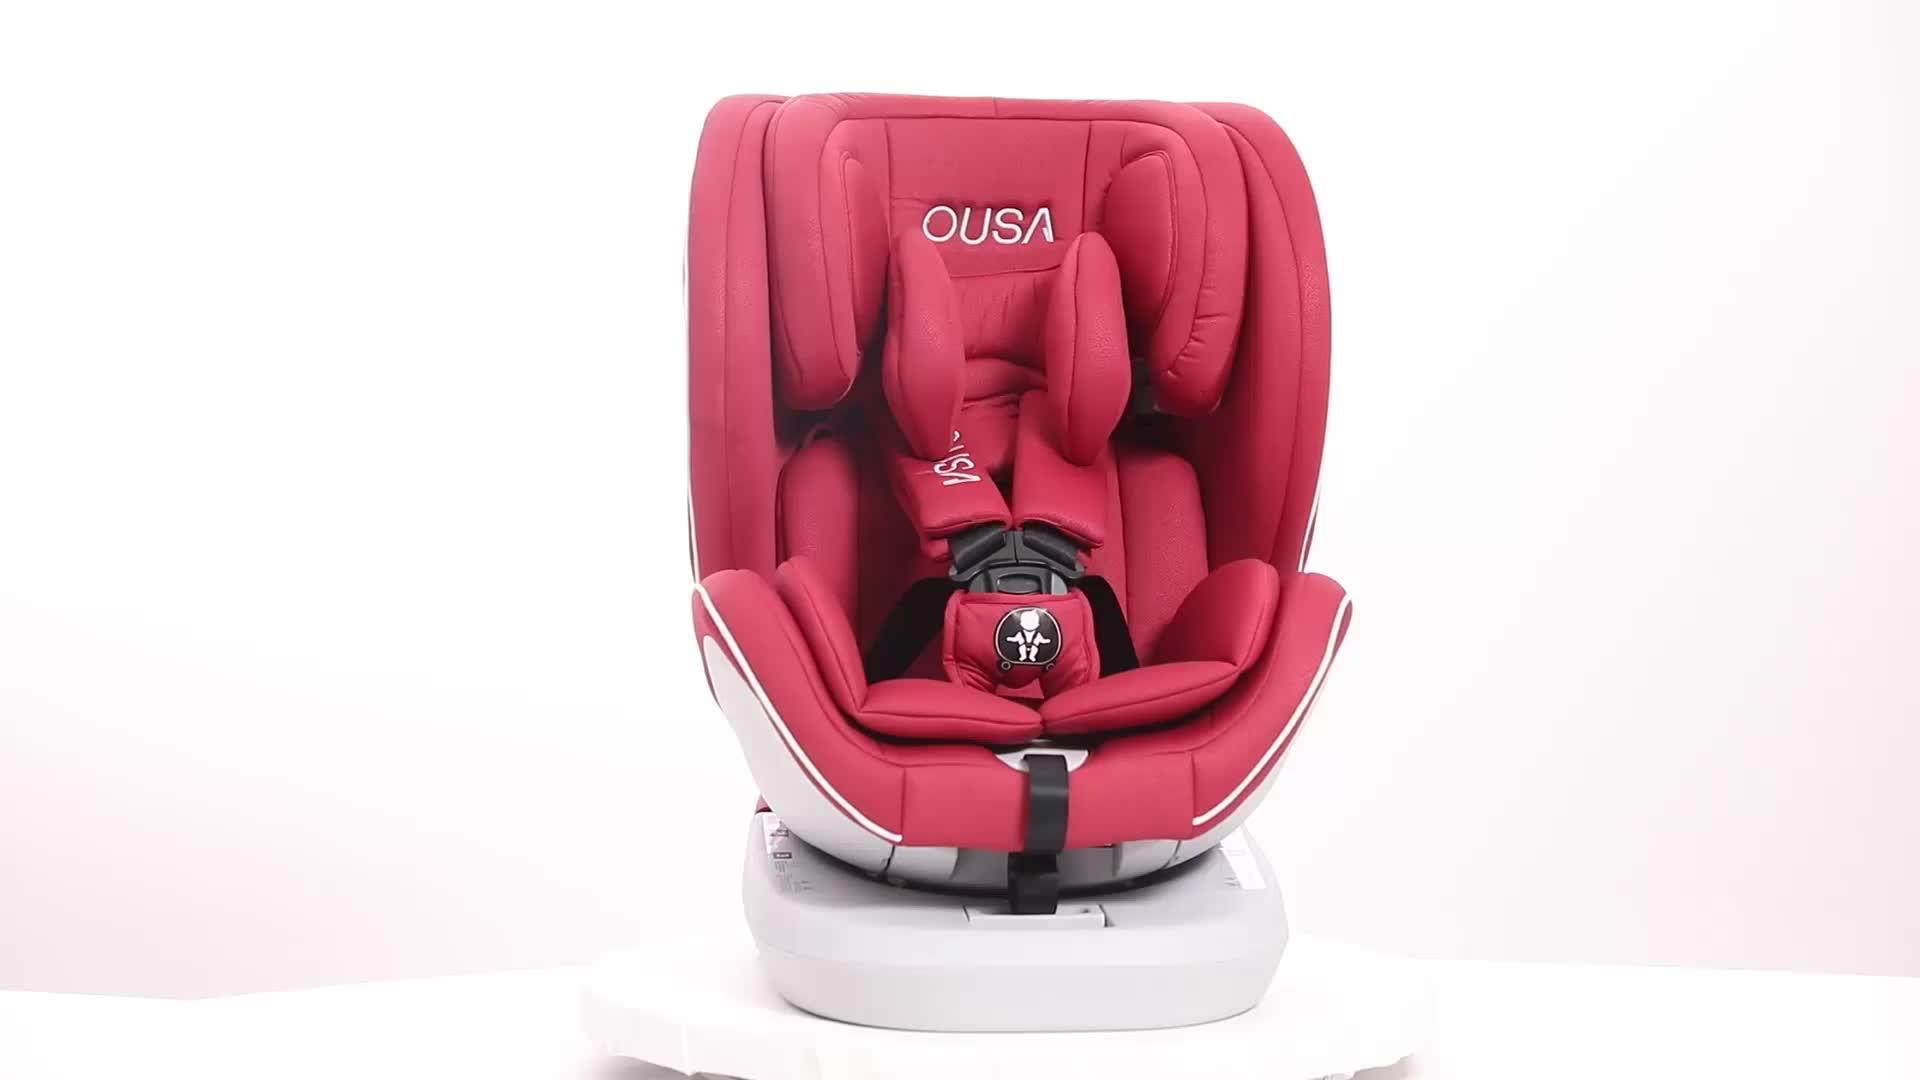 מושב מכונית תינוק ילד בטיחות כיסא חדש מתכוונן בטוח תינוק מכונית מושב 0-36kgs 0-12 שנים מושבים לרכב כורסה